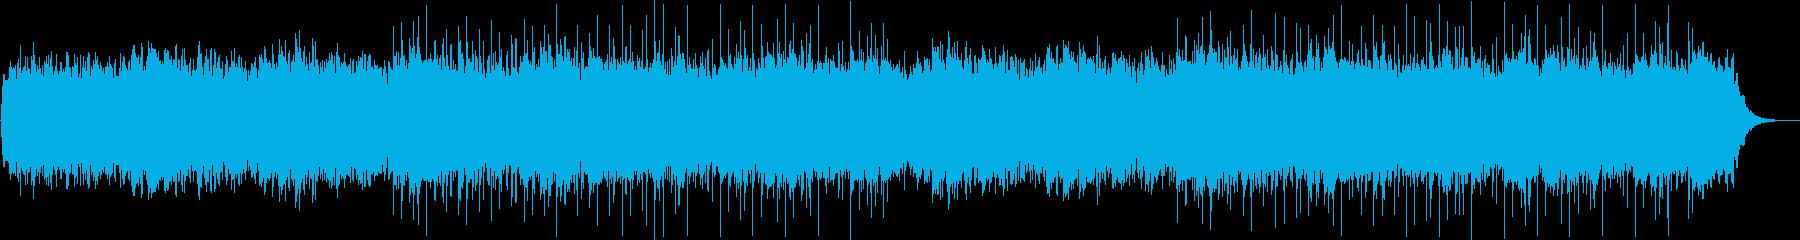 優しい鐘の音のラブバラードの再生済みの波形